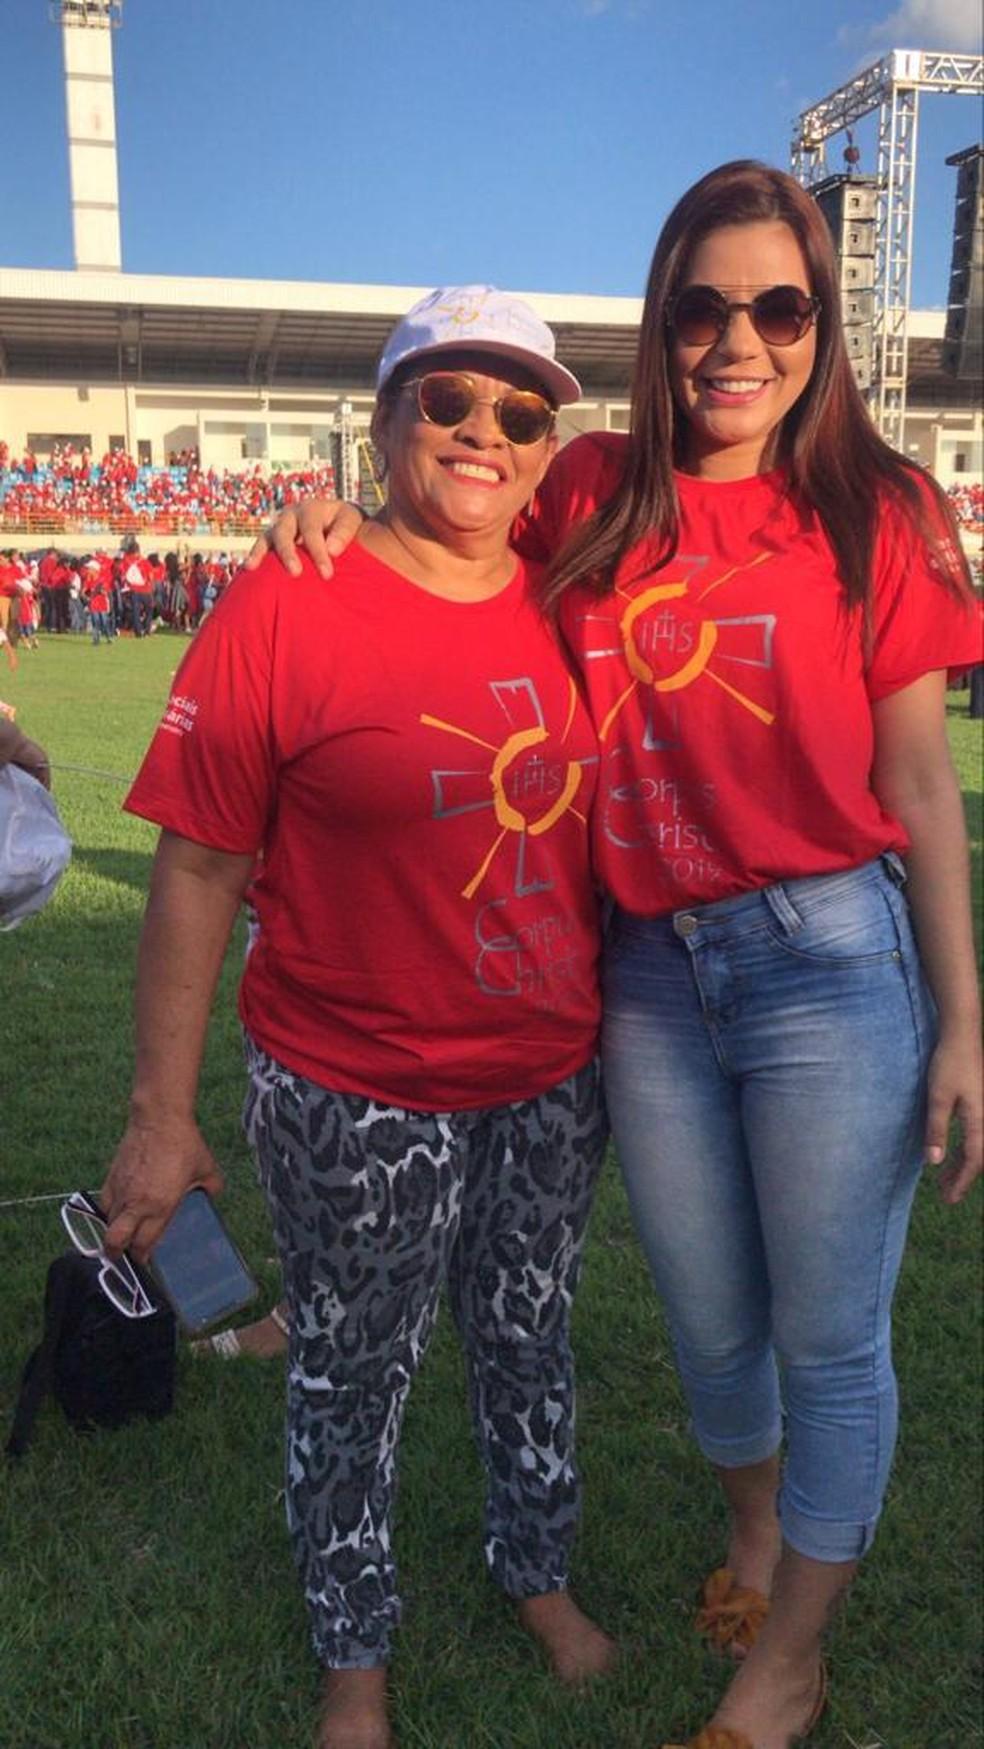 30 anos depois do Varig 254, Regina Célia e Ariadne Ramos vivem em Imperatriz (MA) — Foto: Ariadne Ramos/Arquivo pessoal